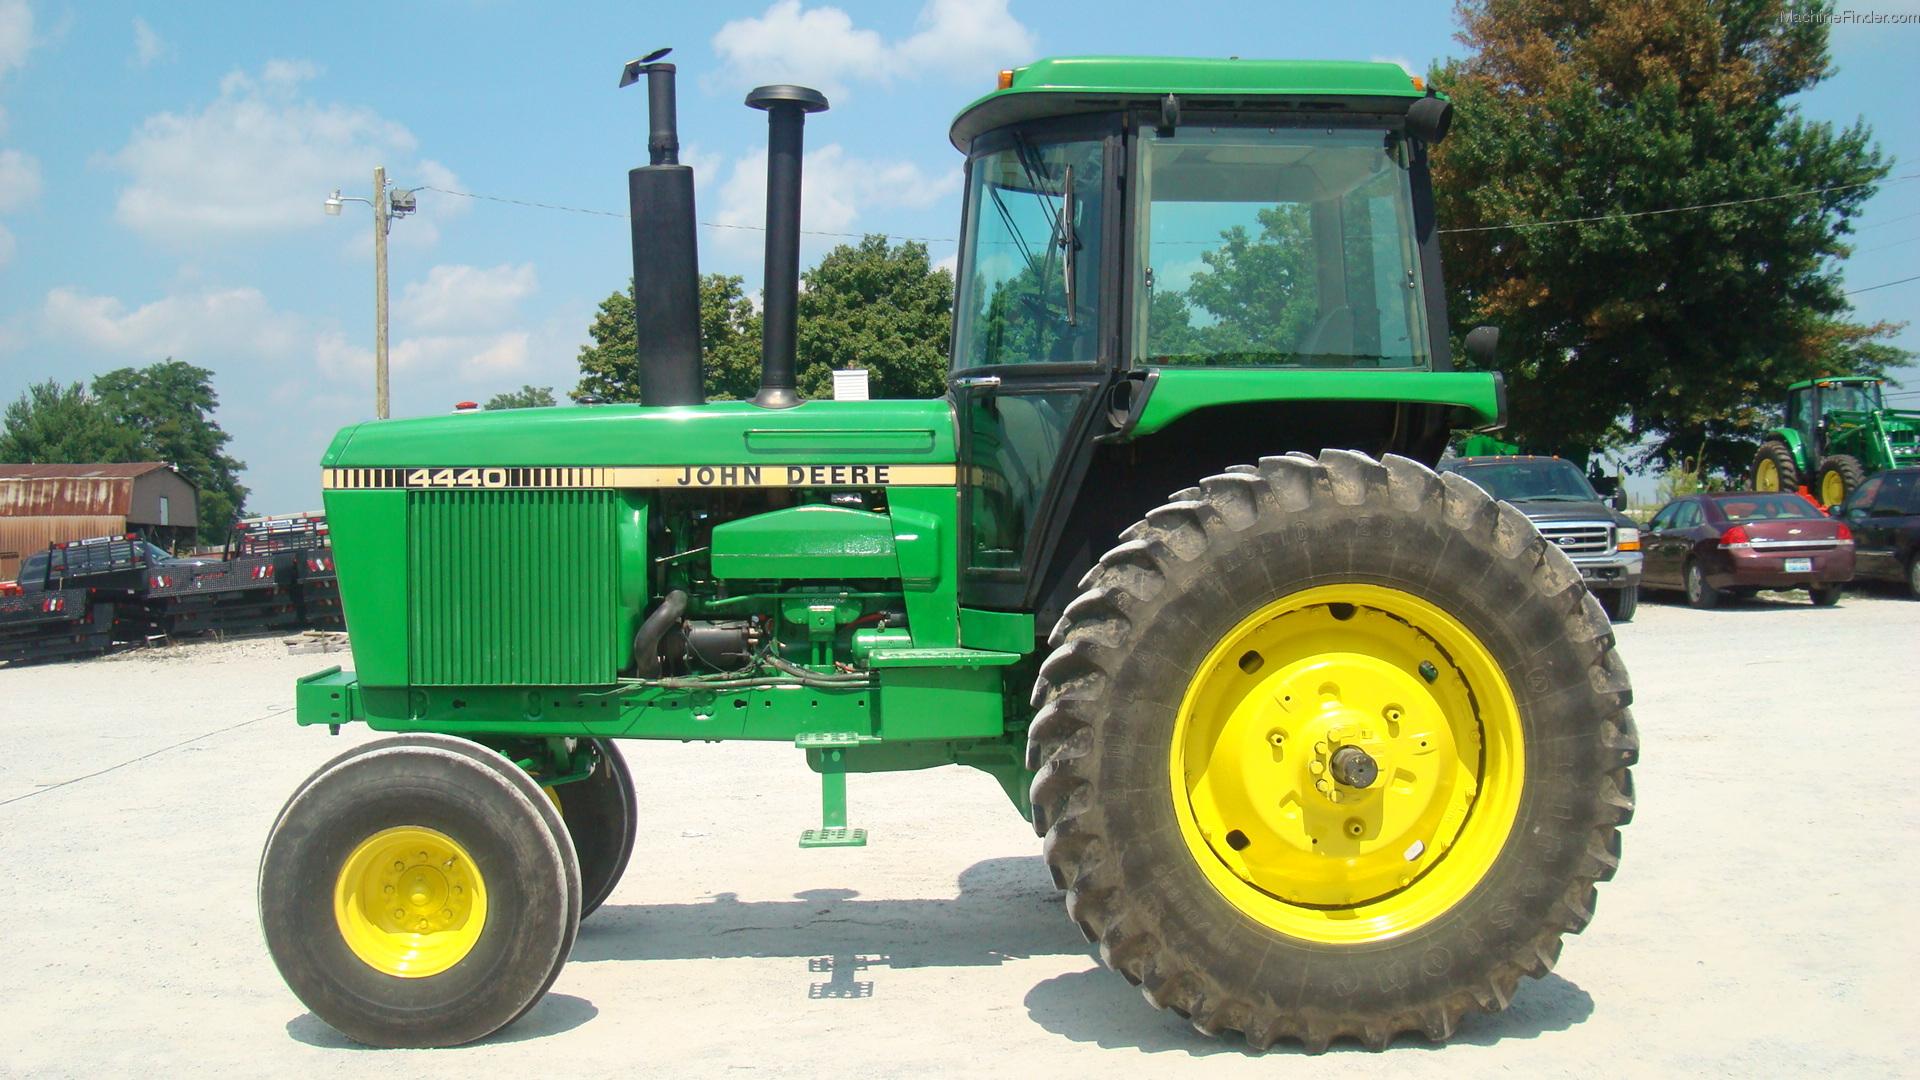 1980 John Deere 4440 Tractors - Row Crop (+100hp) - John ...